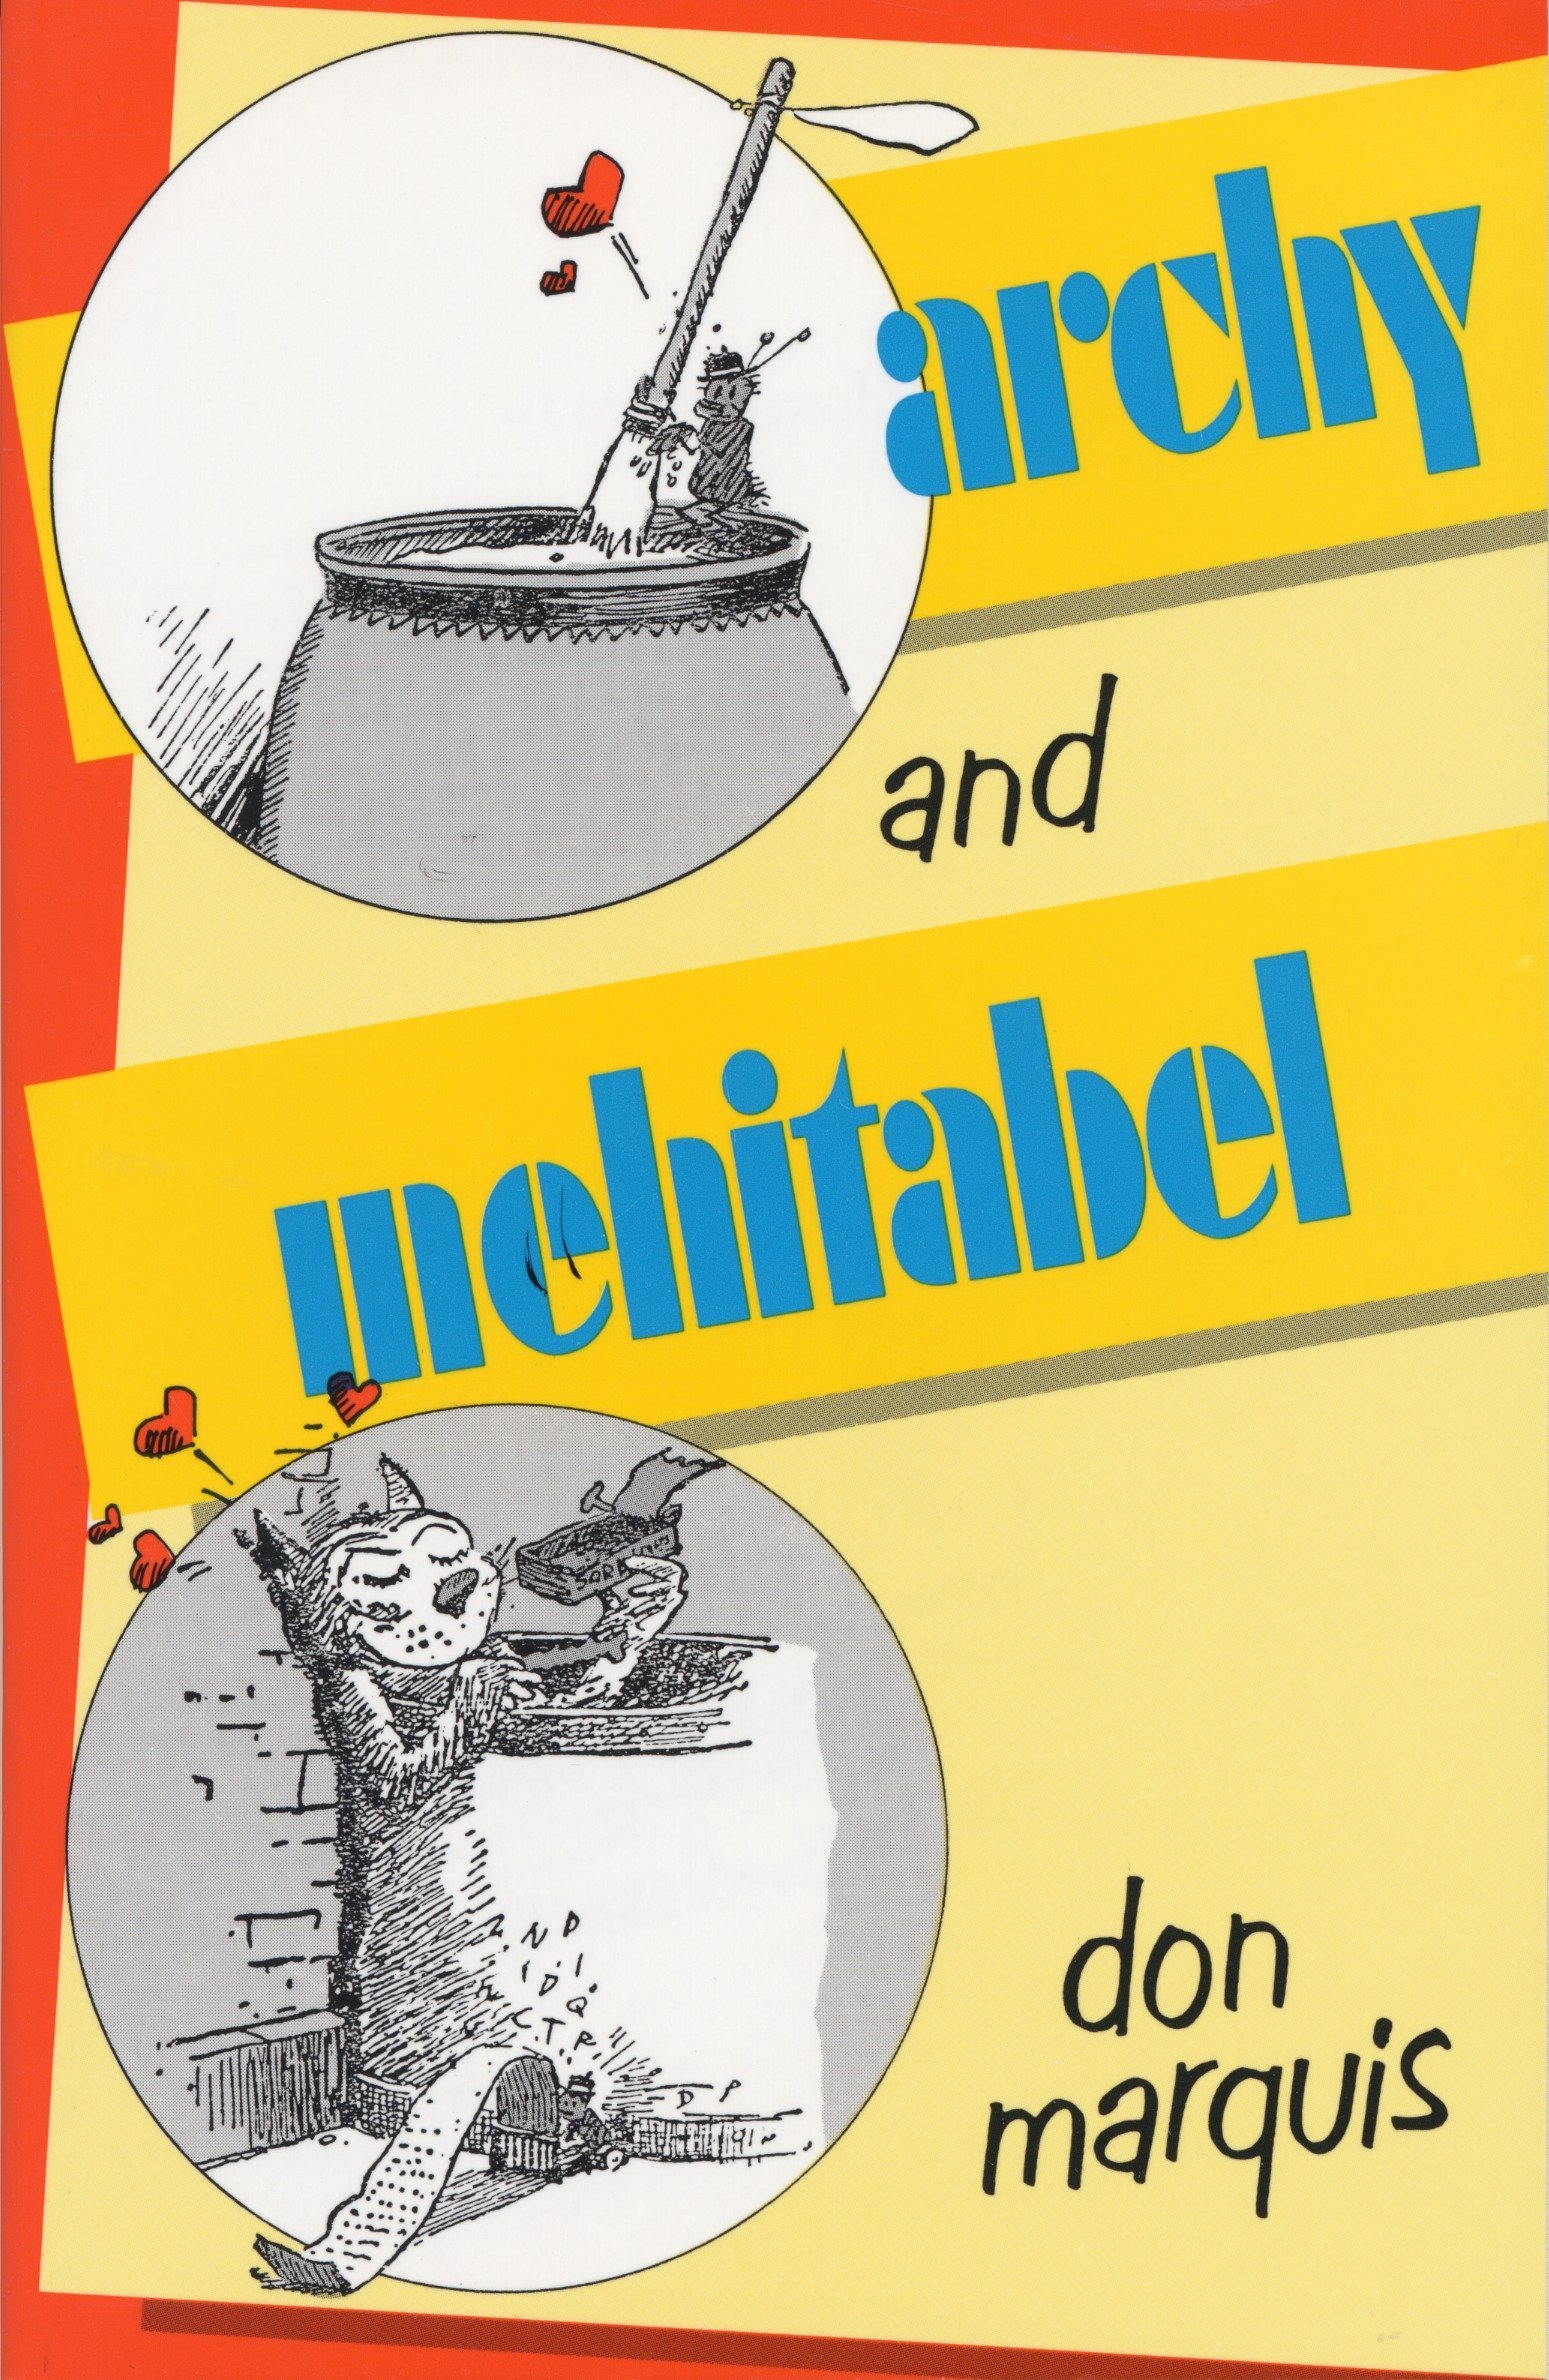 Archy and Mehitabel: Amazon.es: Don Marquis: Libros en idiomas extranjeros